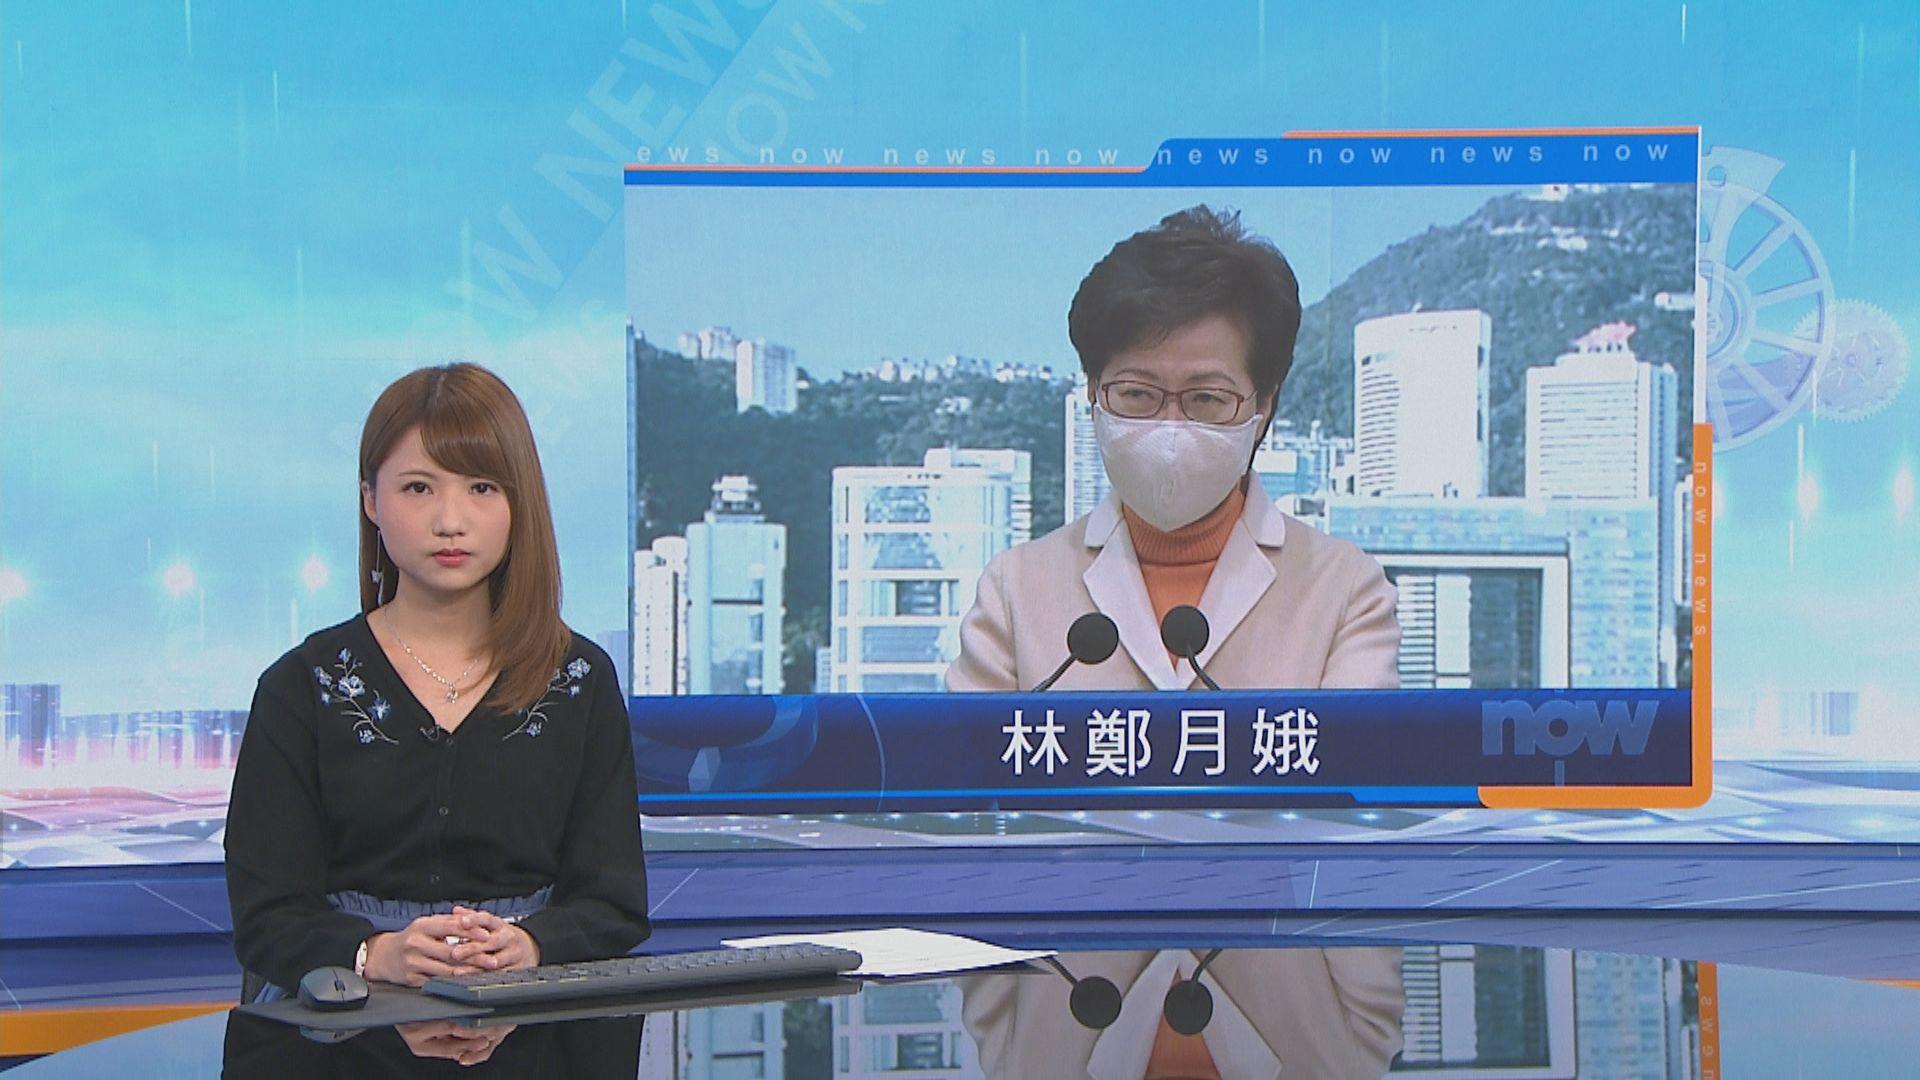 林鄭:人民日報評論黎智英保釋不會對司法機構構成壓力